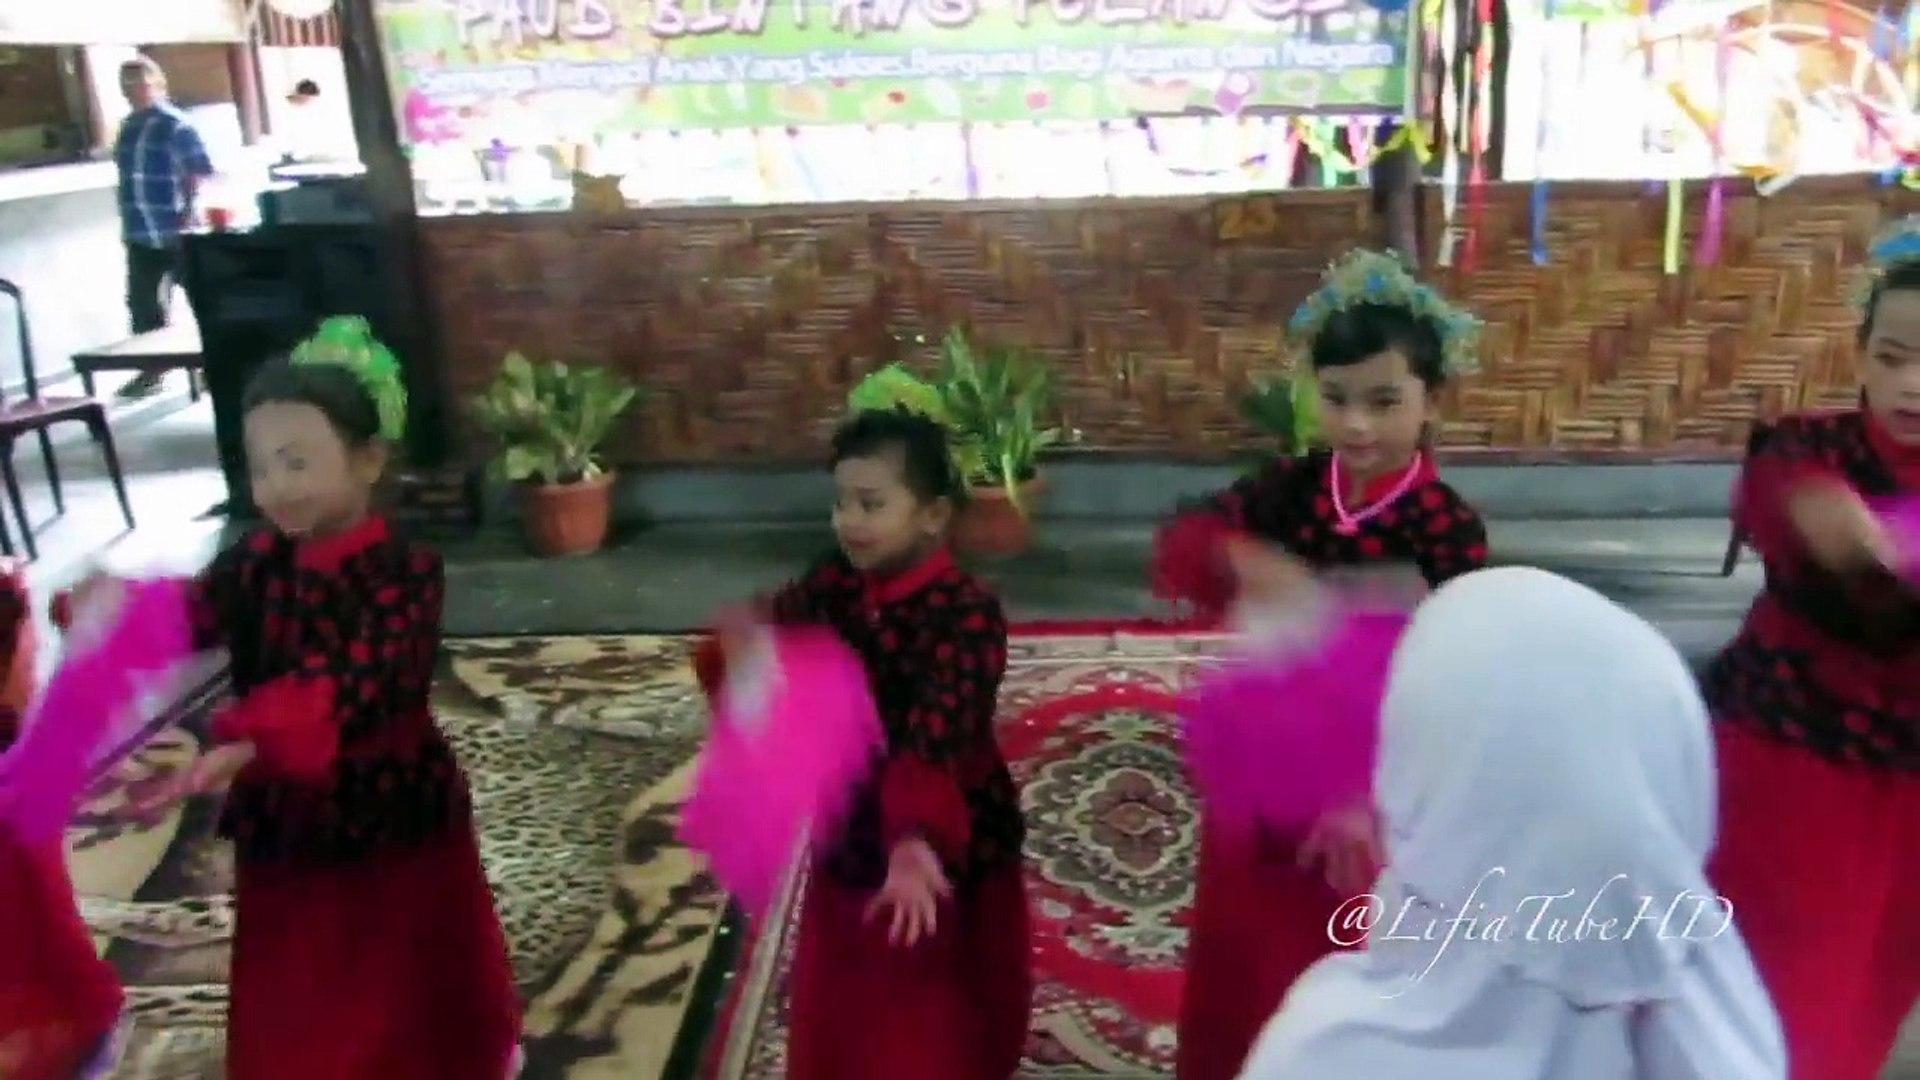 Tarian Kreasi Anak Anak Bintang Pelangi Kids Dance Activities